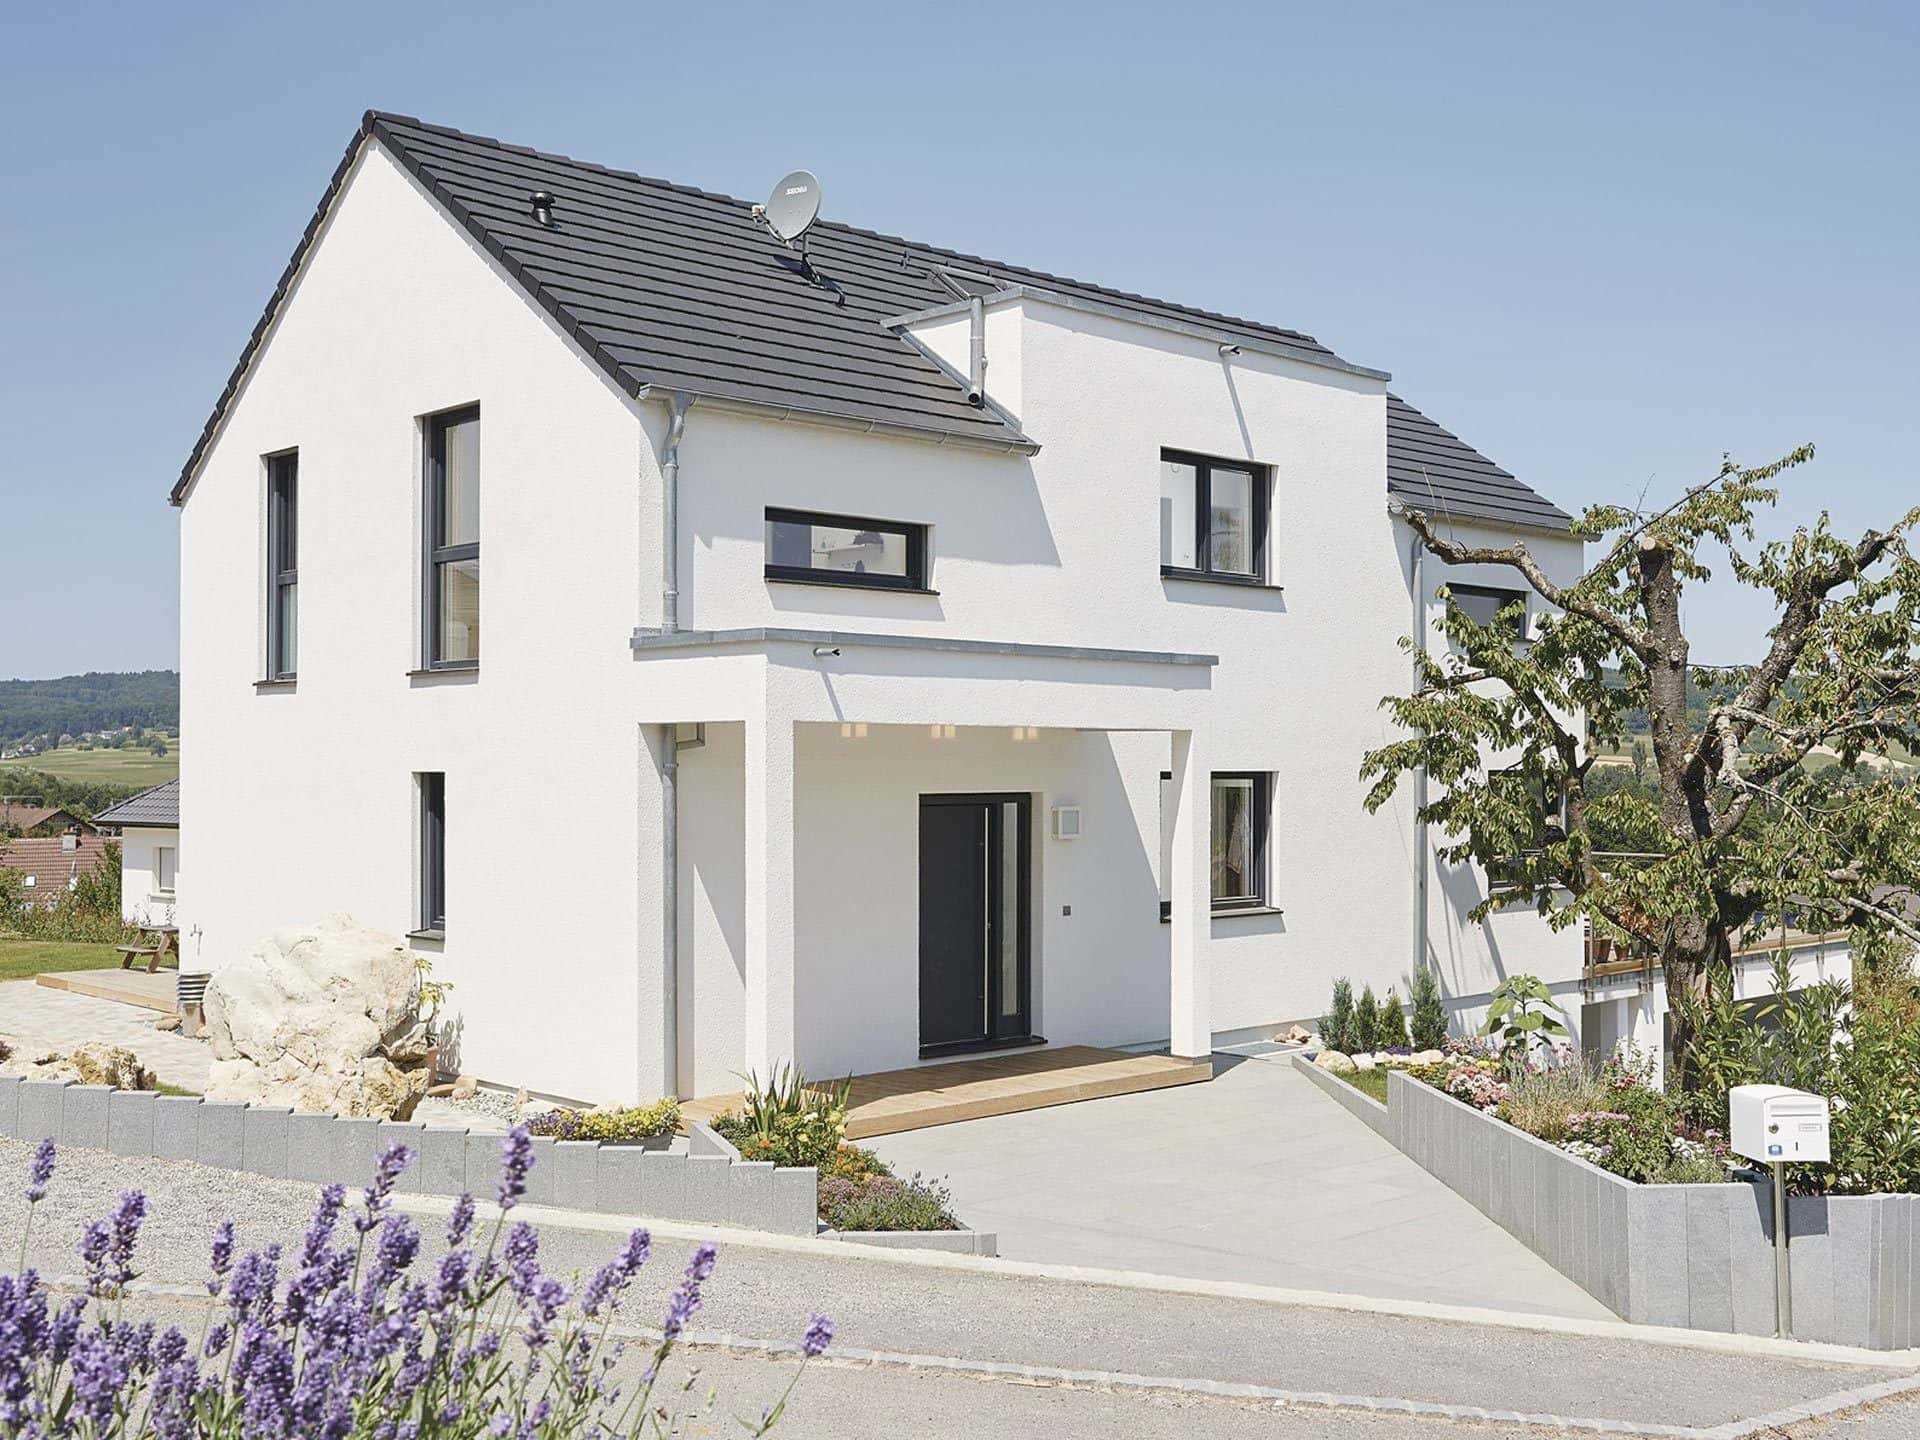 ᐅ Einfamilienhaus bauen: Hausbeispiele, Anbieter, Preise vergleichen